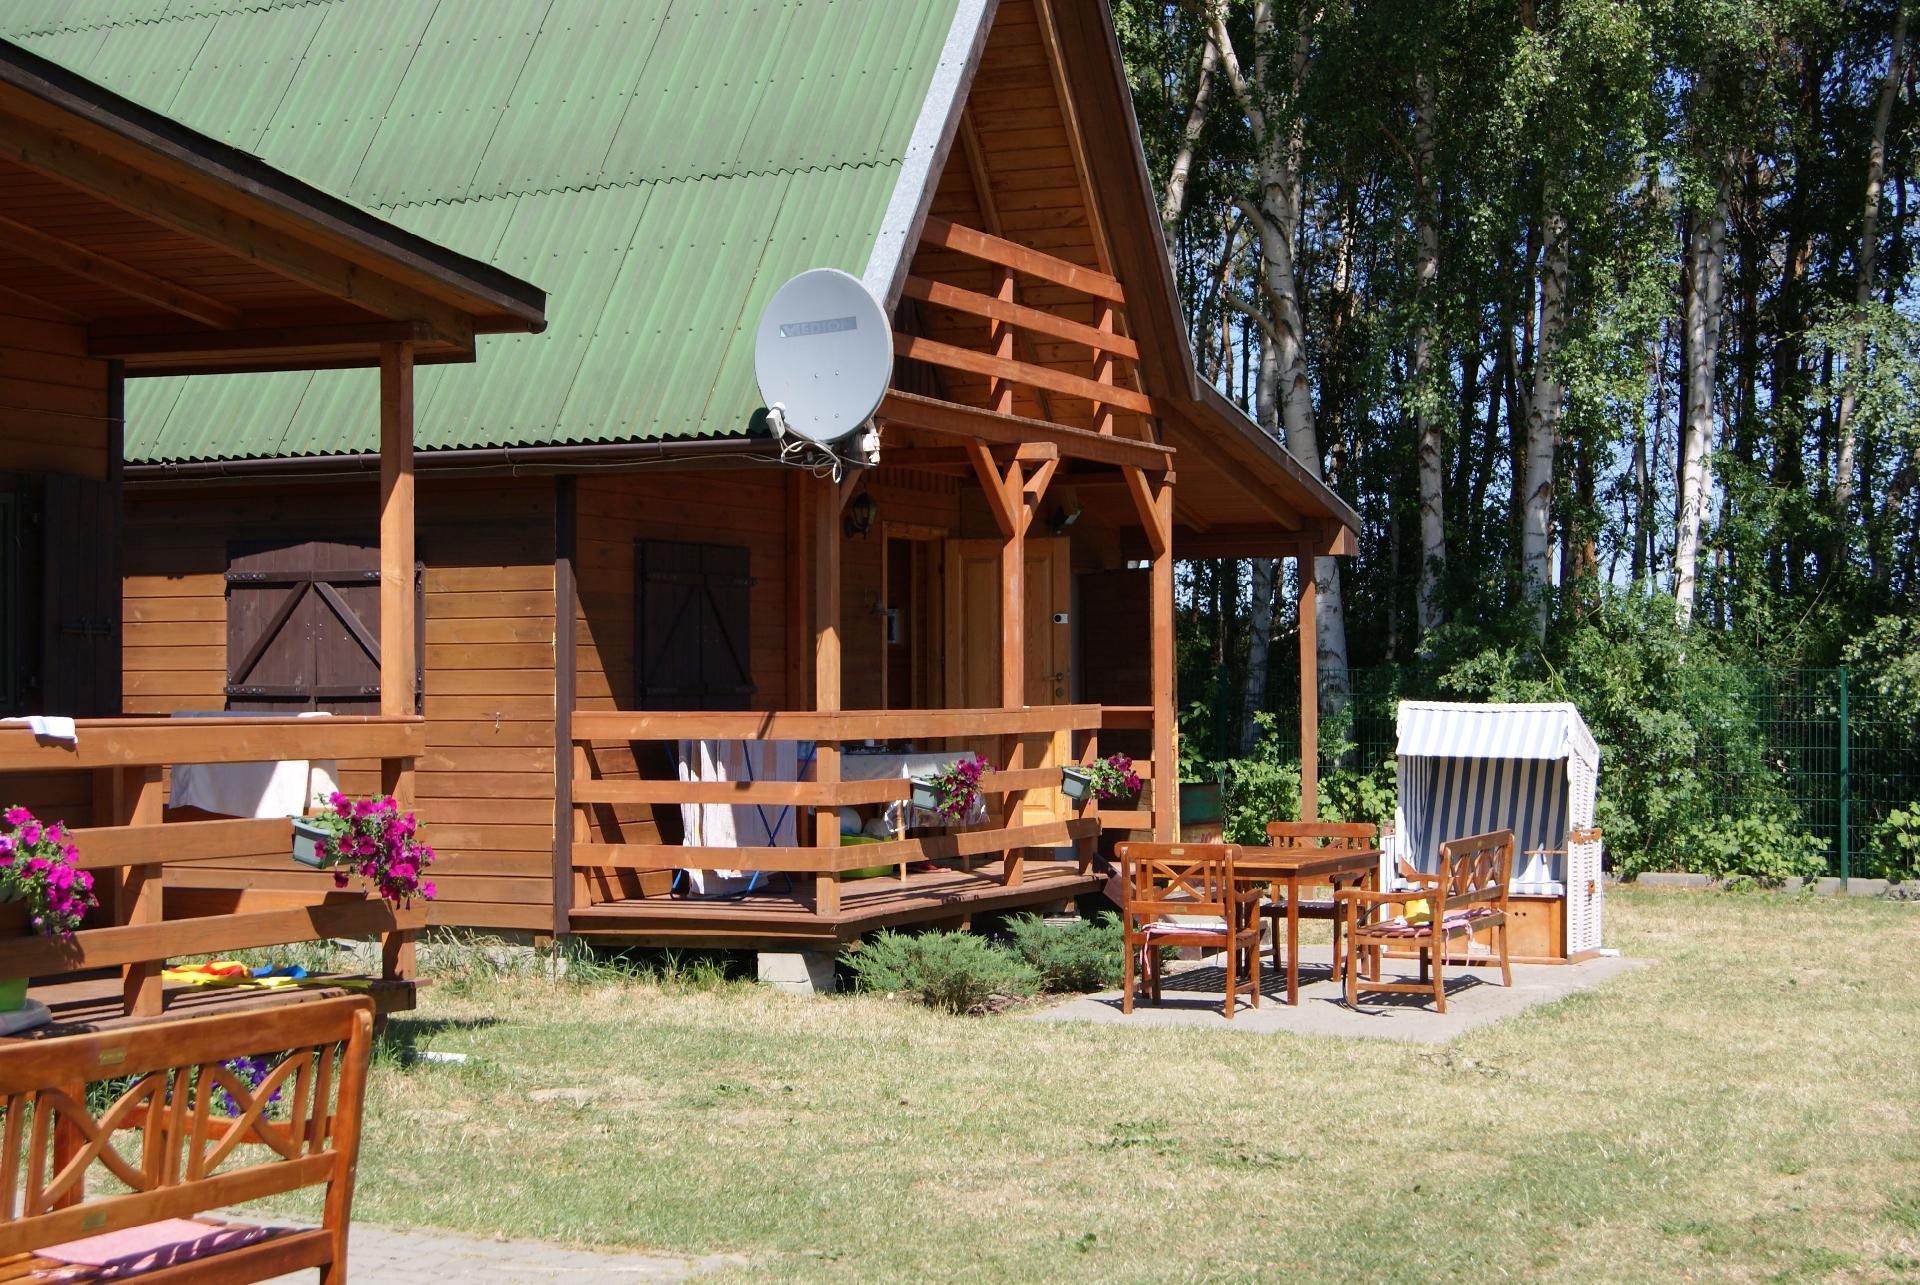 Ferienhaus für 4 Personen  + 2 Kinder ca. 58   in Polen